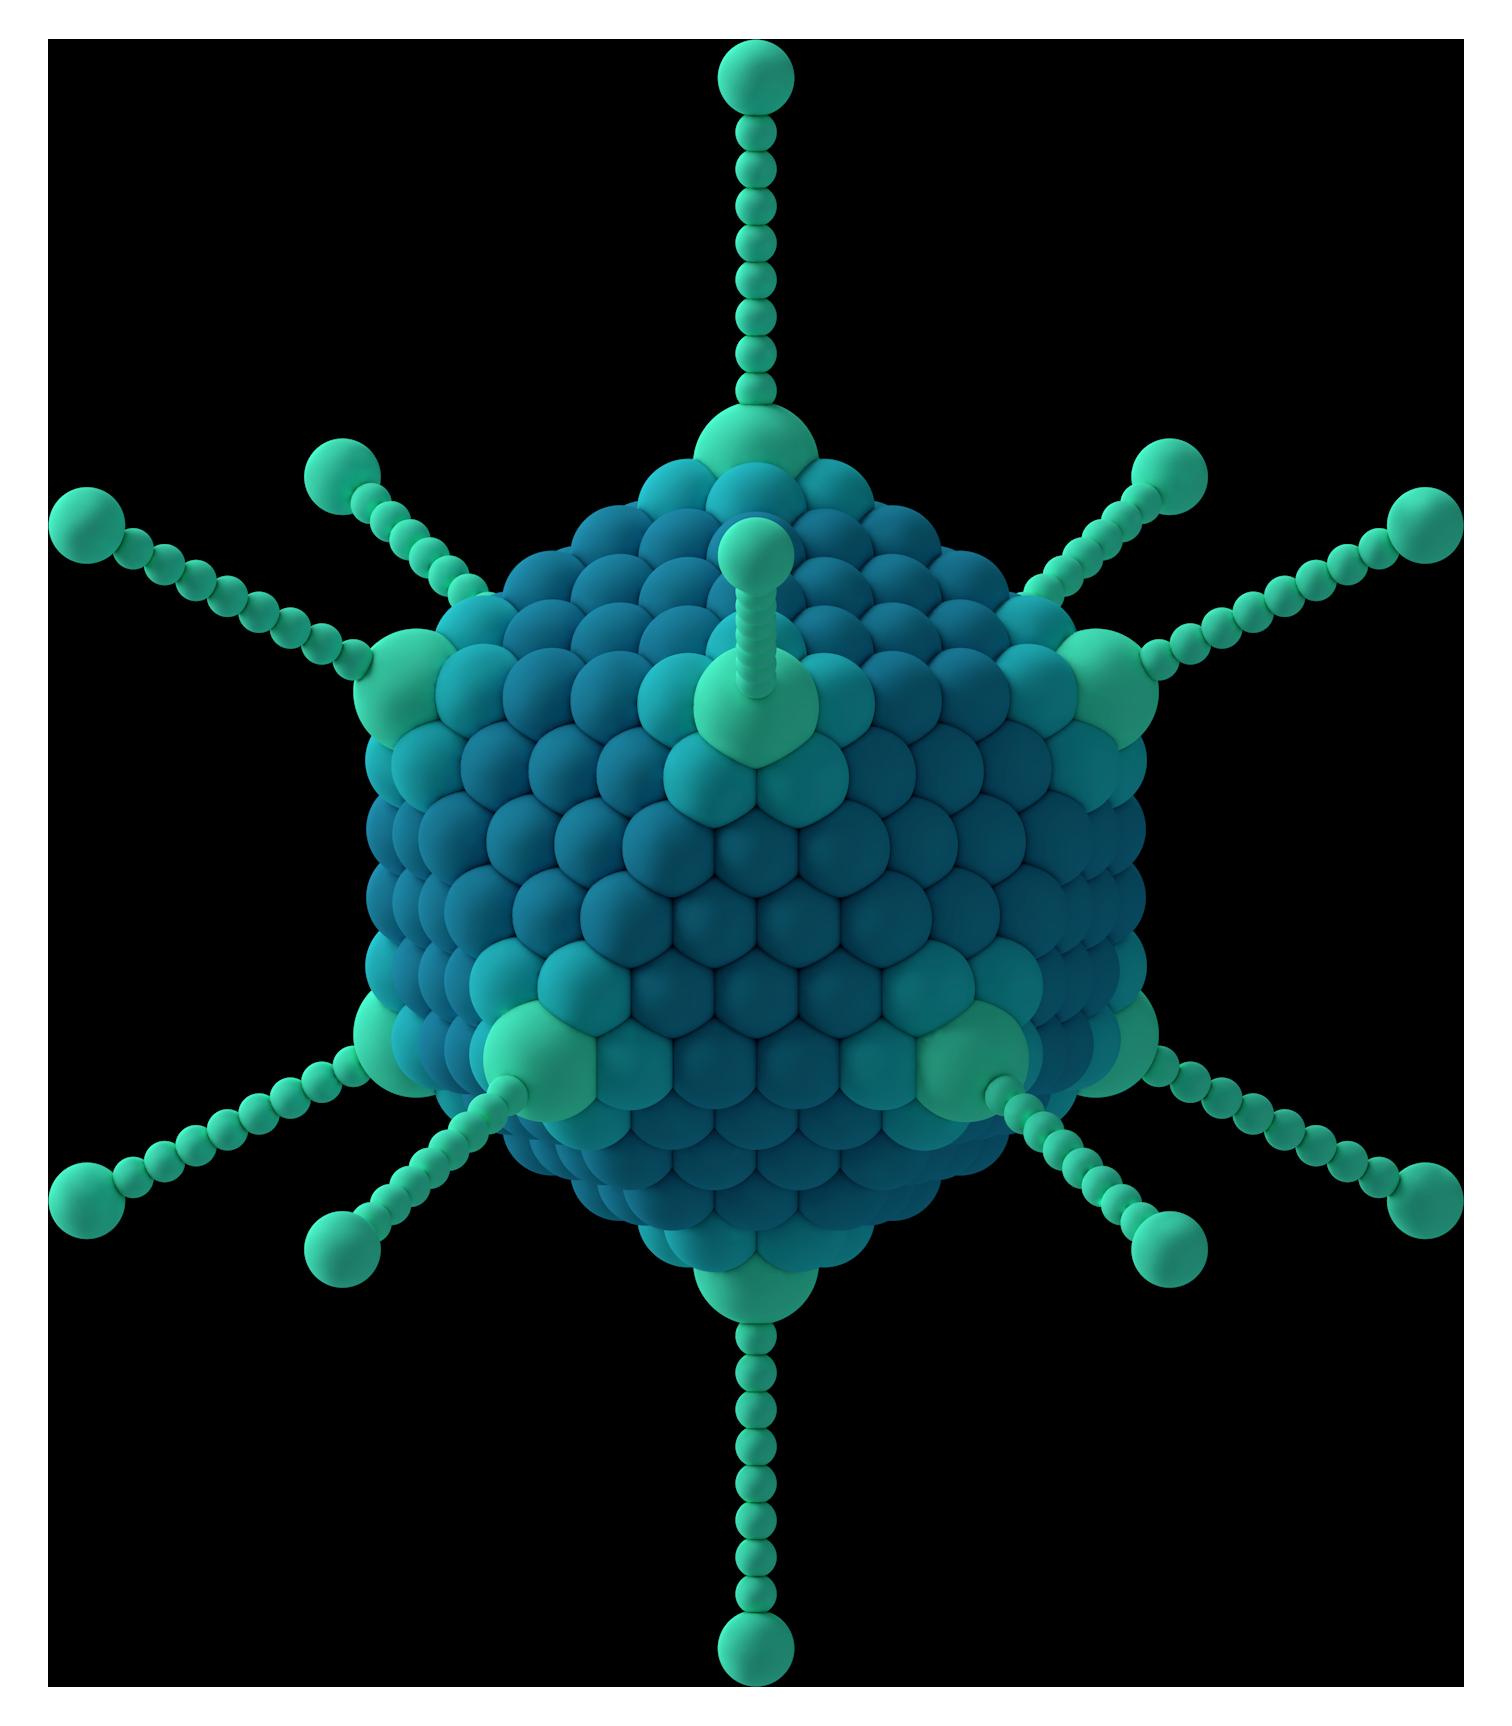 Viral Nano News Viralnanonews: Capsomere